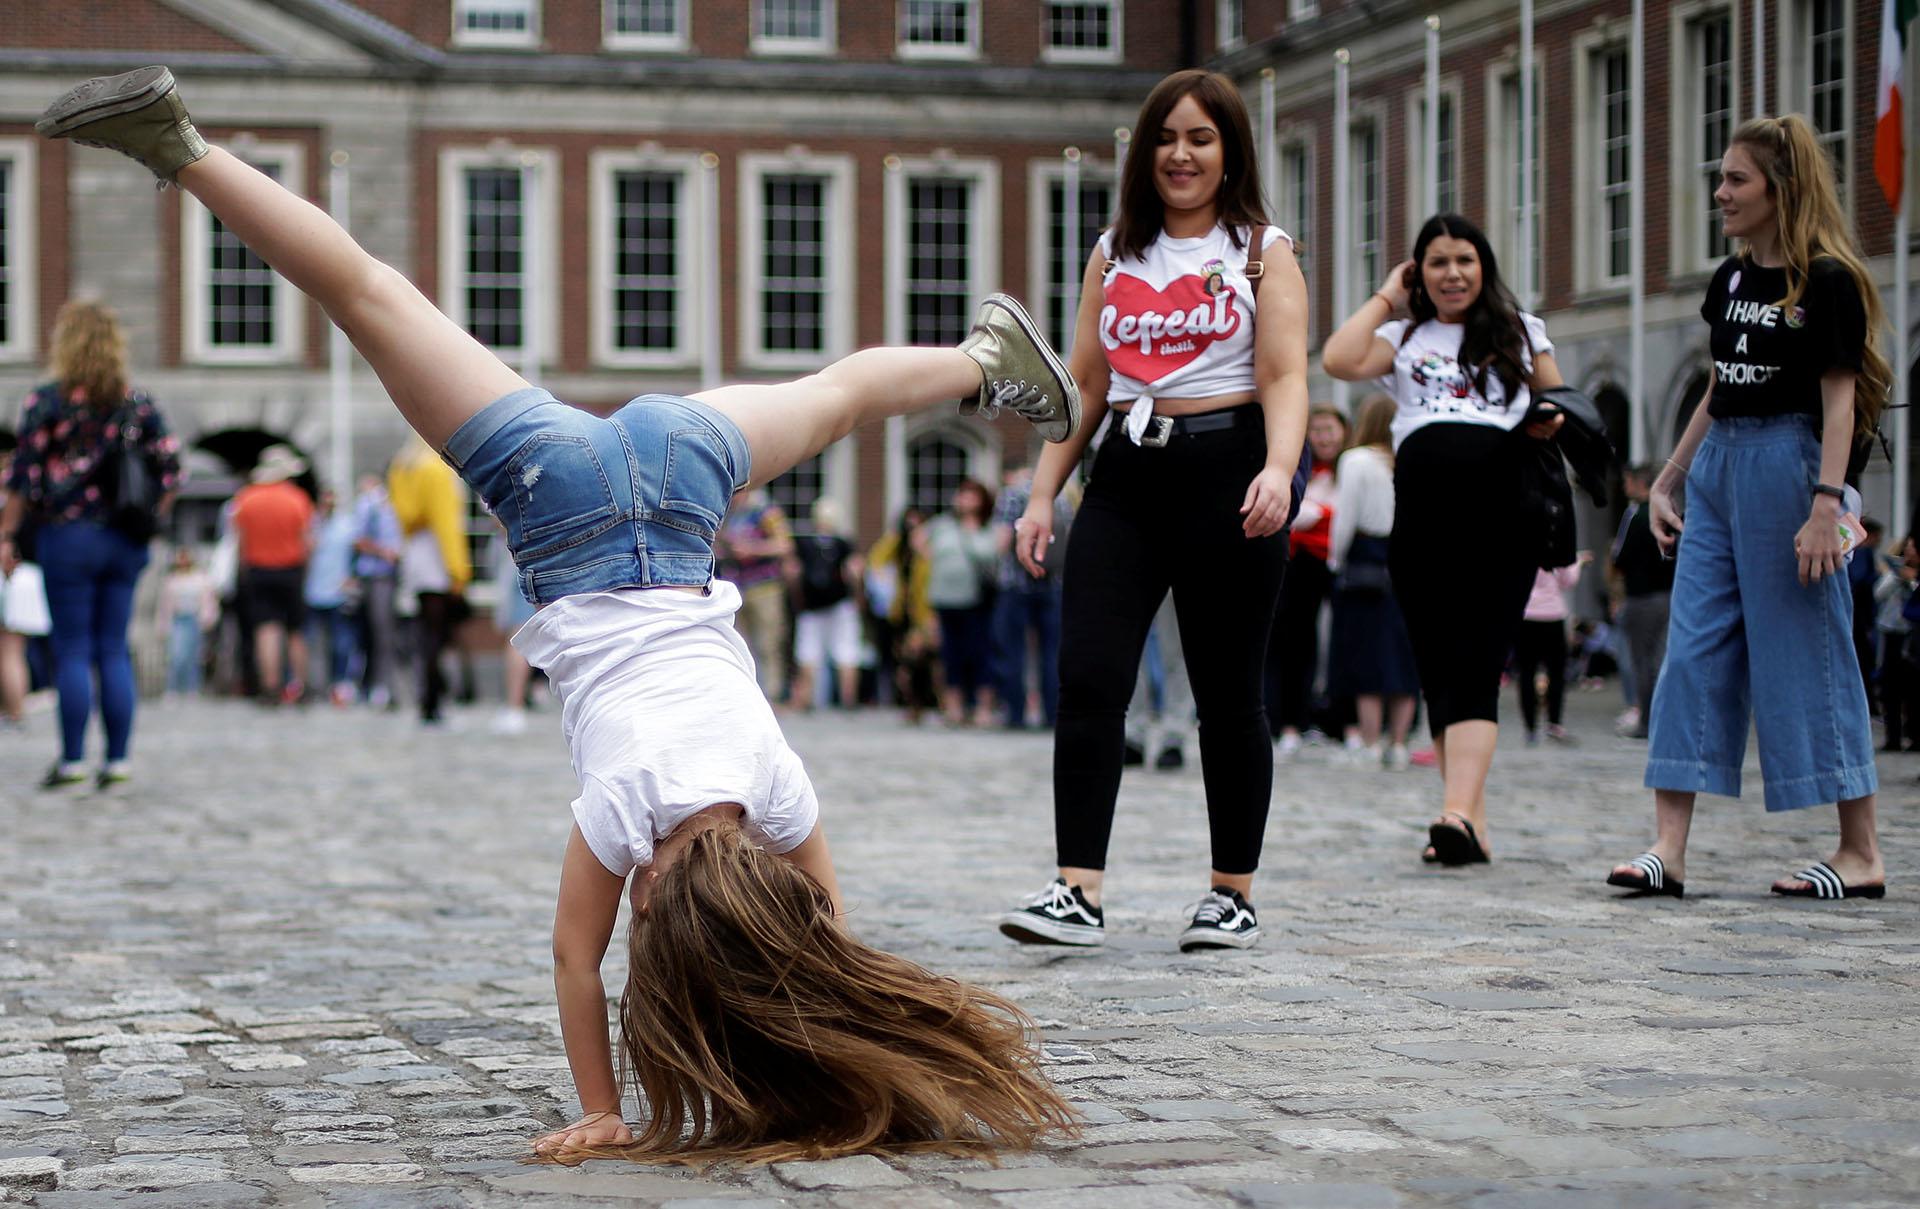 La gente celebra los resultados del referéndum que abrirá las puertas a la legalización del aborto en Irlanda, uno den los países con legislación más restrictiva de Europa (REUTERS/Max Rossi)